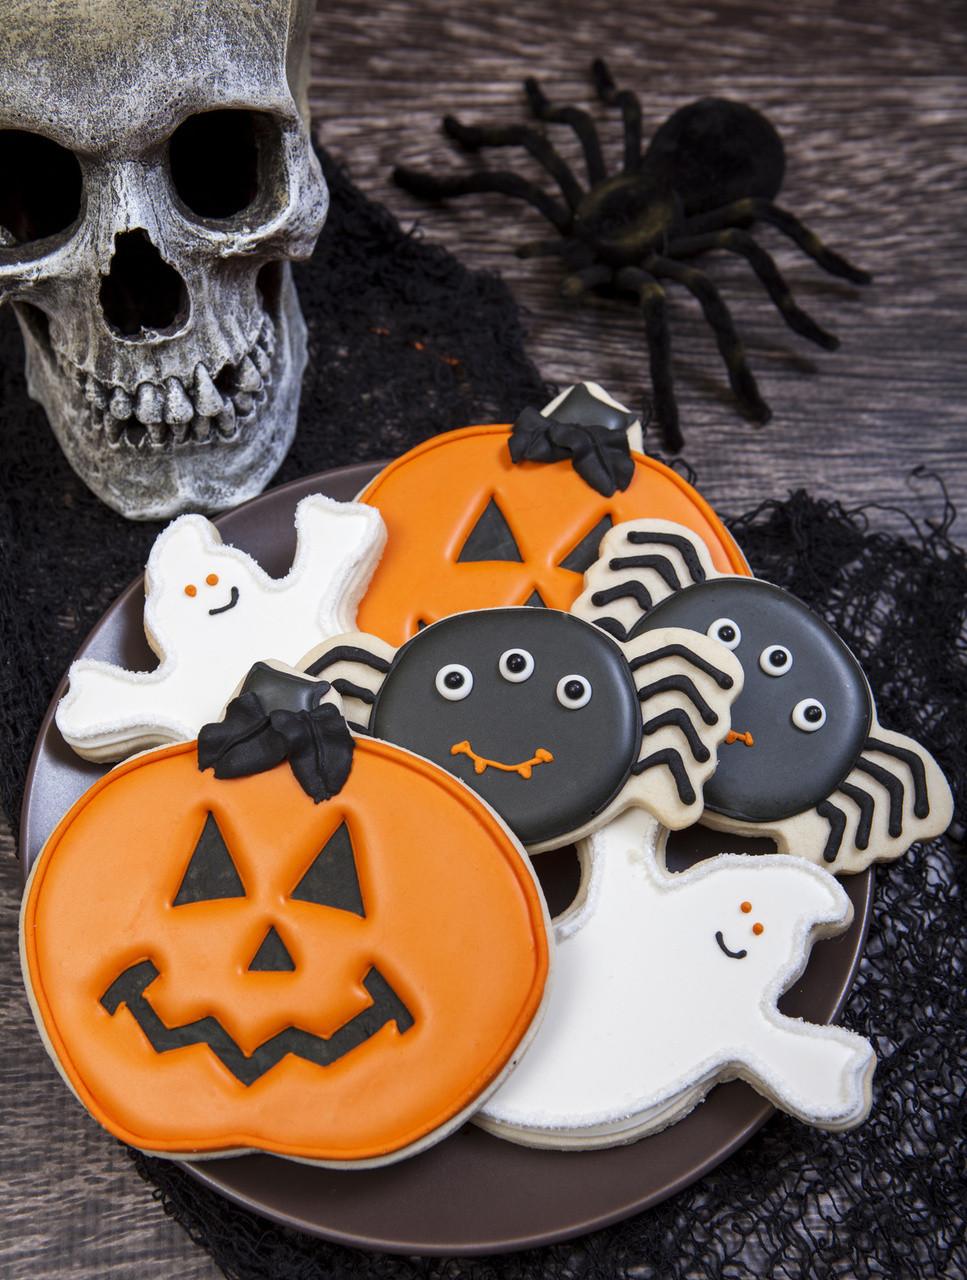 Halloween Cookies Ideas  Spooky Cookie Halloween Cookie Decorations